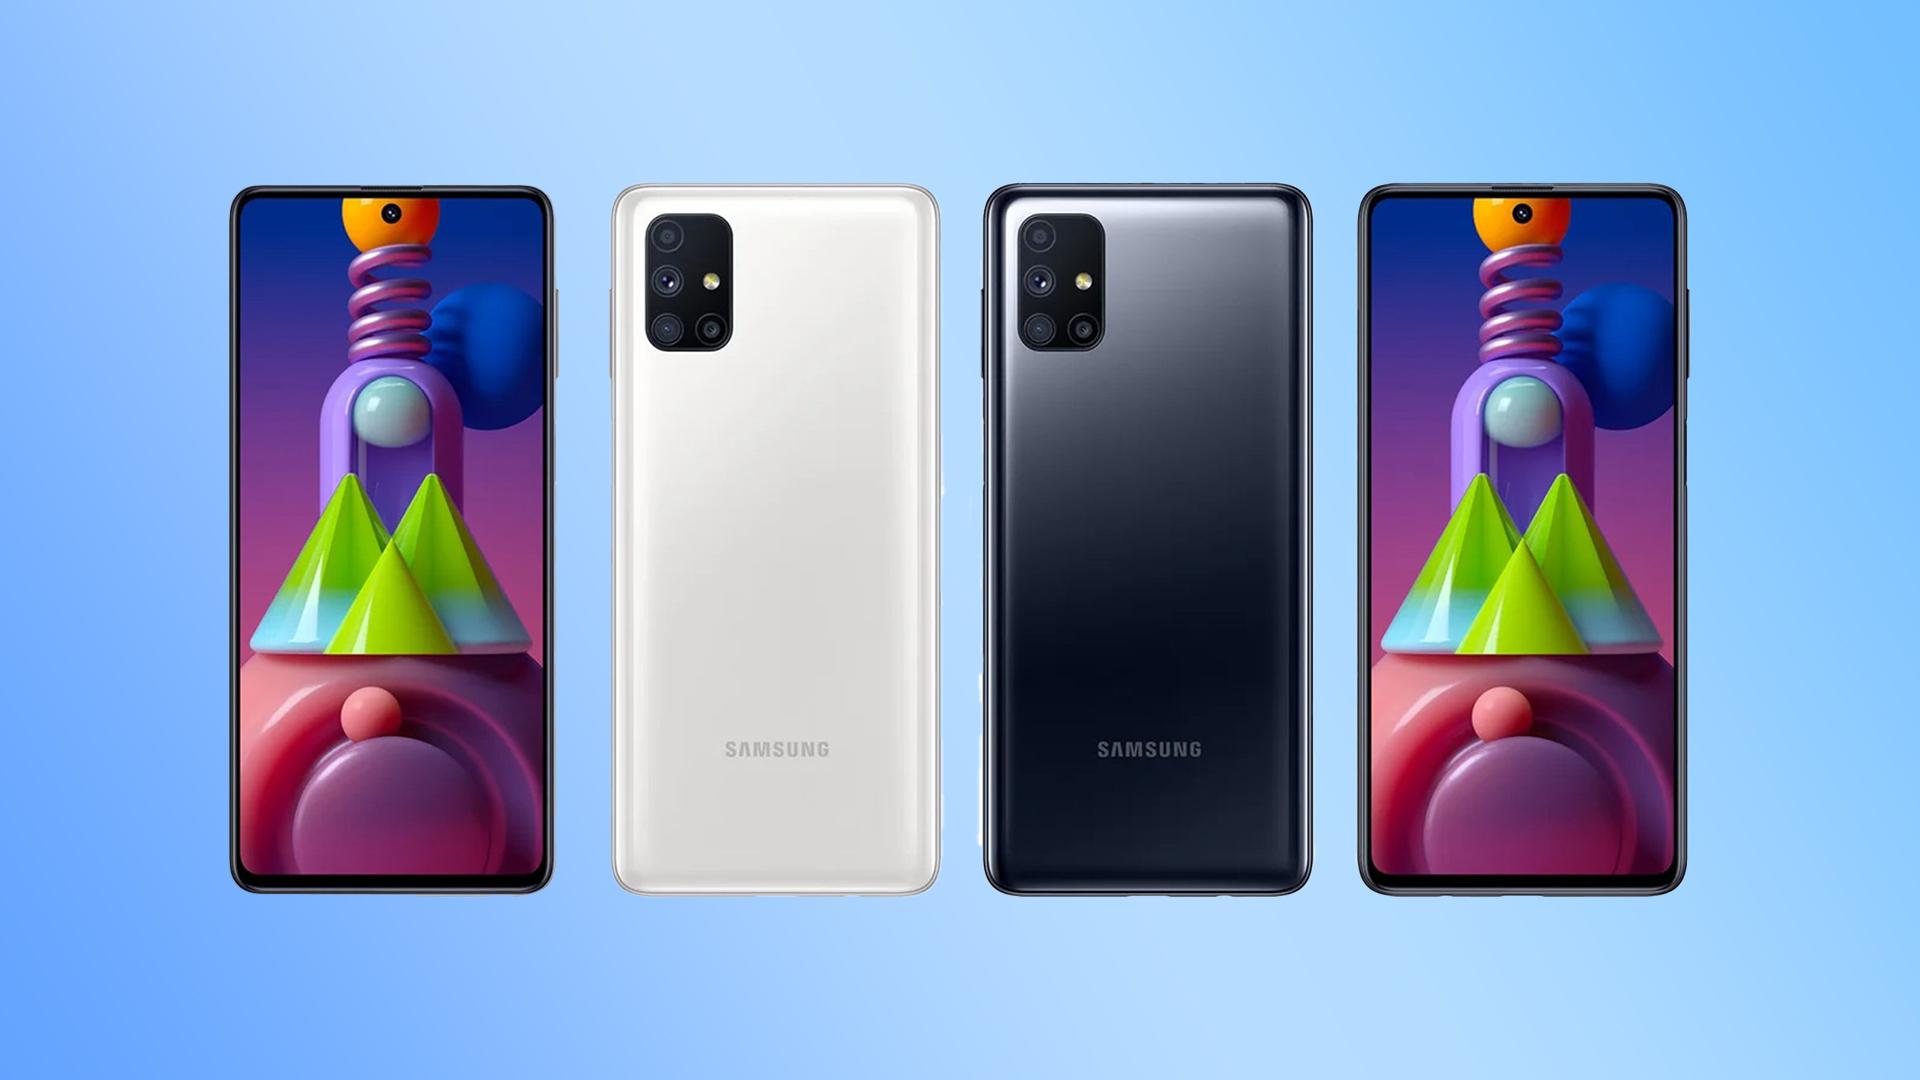 Samsung Galaxy M51: valida alternativa